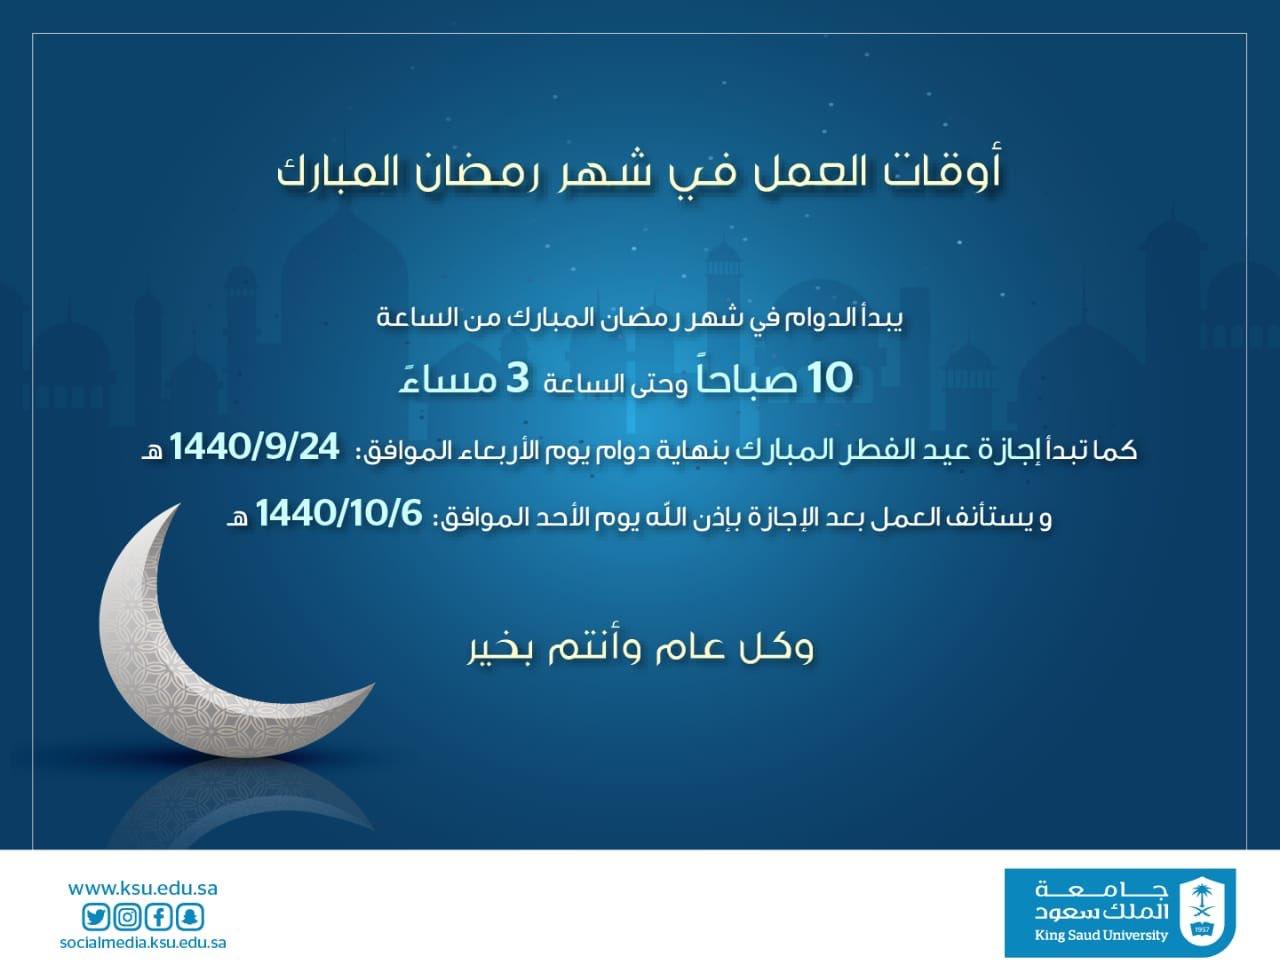 دوام جامعة الملك سعود رمضان